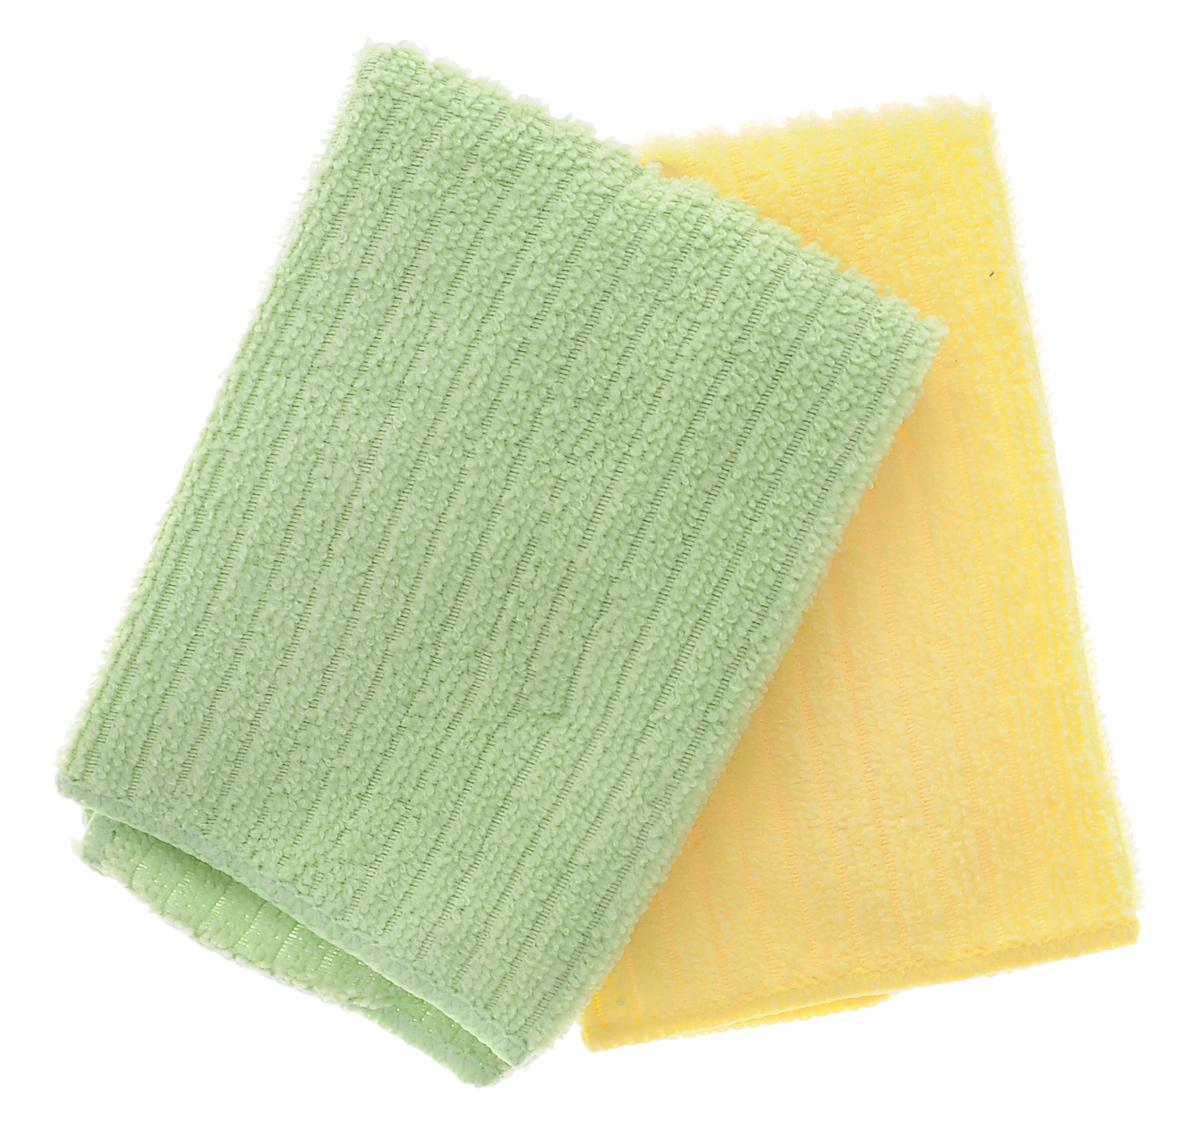 Салфетка из микрофибры Home Queen, цвет: желтый, зеленый, 30 х 30 см, 2 штK100Салфетка Home Queen изготовлена из микрофибры. Это великолепная гипоаллергенная ткань, изготовленная из тончайших полимерных микроволокон. Салфетка из микрофибры может поглощать количество пыли и влаги, в 7 раз превышающее ее собственный вес. Многочисленные поры между микроволокнами, благодаря капиллярному эффекту, мгновенно впитывают воду, подобно губке. Благодаря мелким порам микроволокна, любые капельки, остающиеся на чистящей поверхности очень быстро испаряются и остается чистая дорожка без полос и разводов. В сухом виде при вытирании поверхности волокна микрофибры электризуются и притягивают к себе микробов, мельчайшие частицы пыли и грязи, удерживая их в своих микропорах.Размер салфетки: 30 см х 30 см.